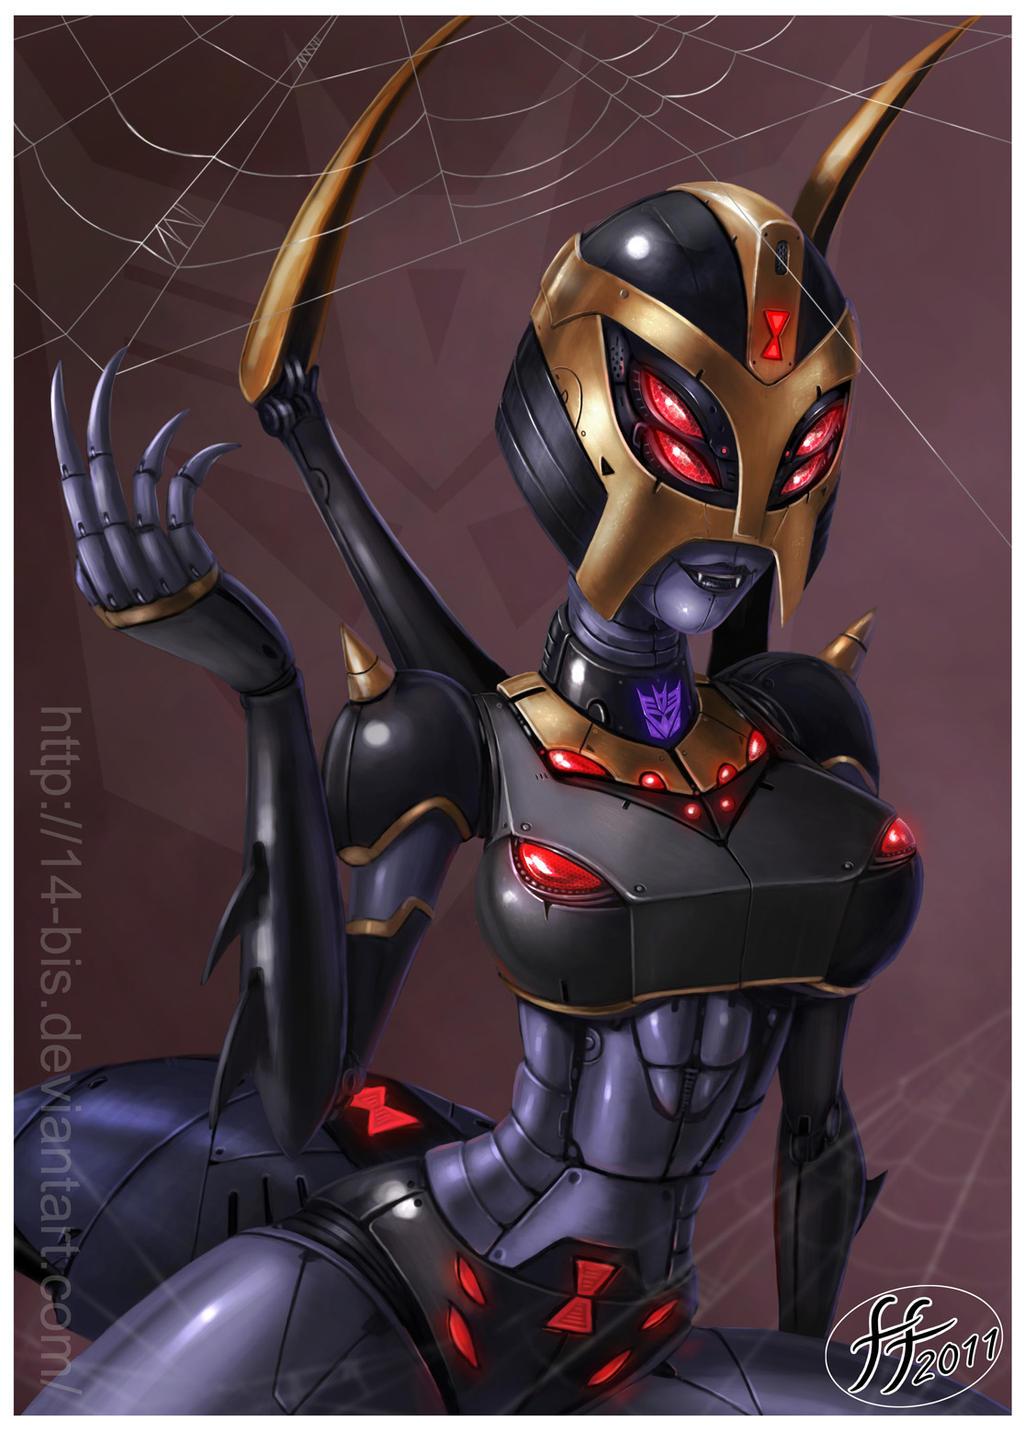 [Pro Art et Fan Art] Artistes à découvrir: Séries Animé Transformers, Films Transformers et non TF - Page 5 Blackarachnia_by_14_bis-d4c8ms1